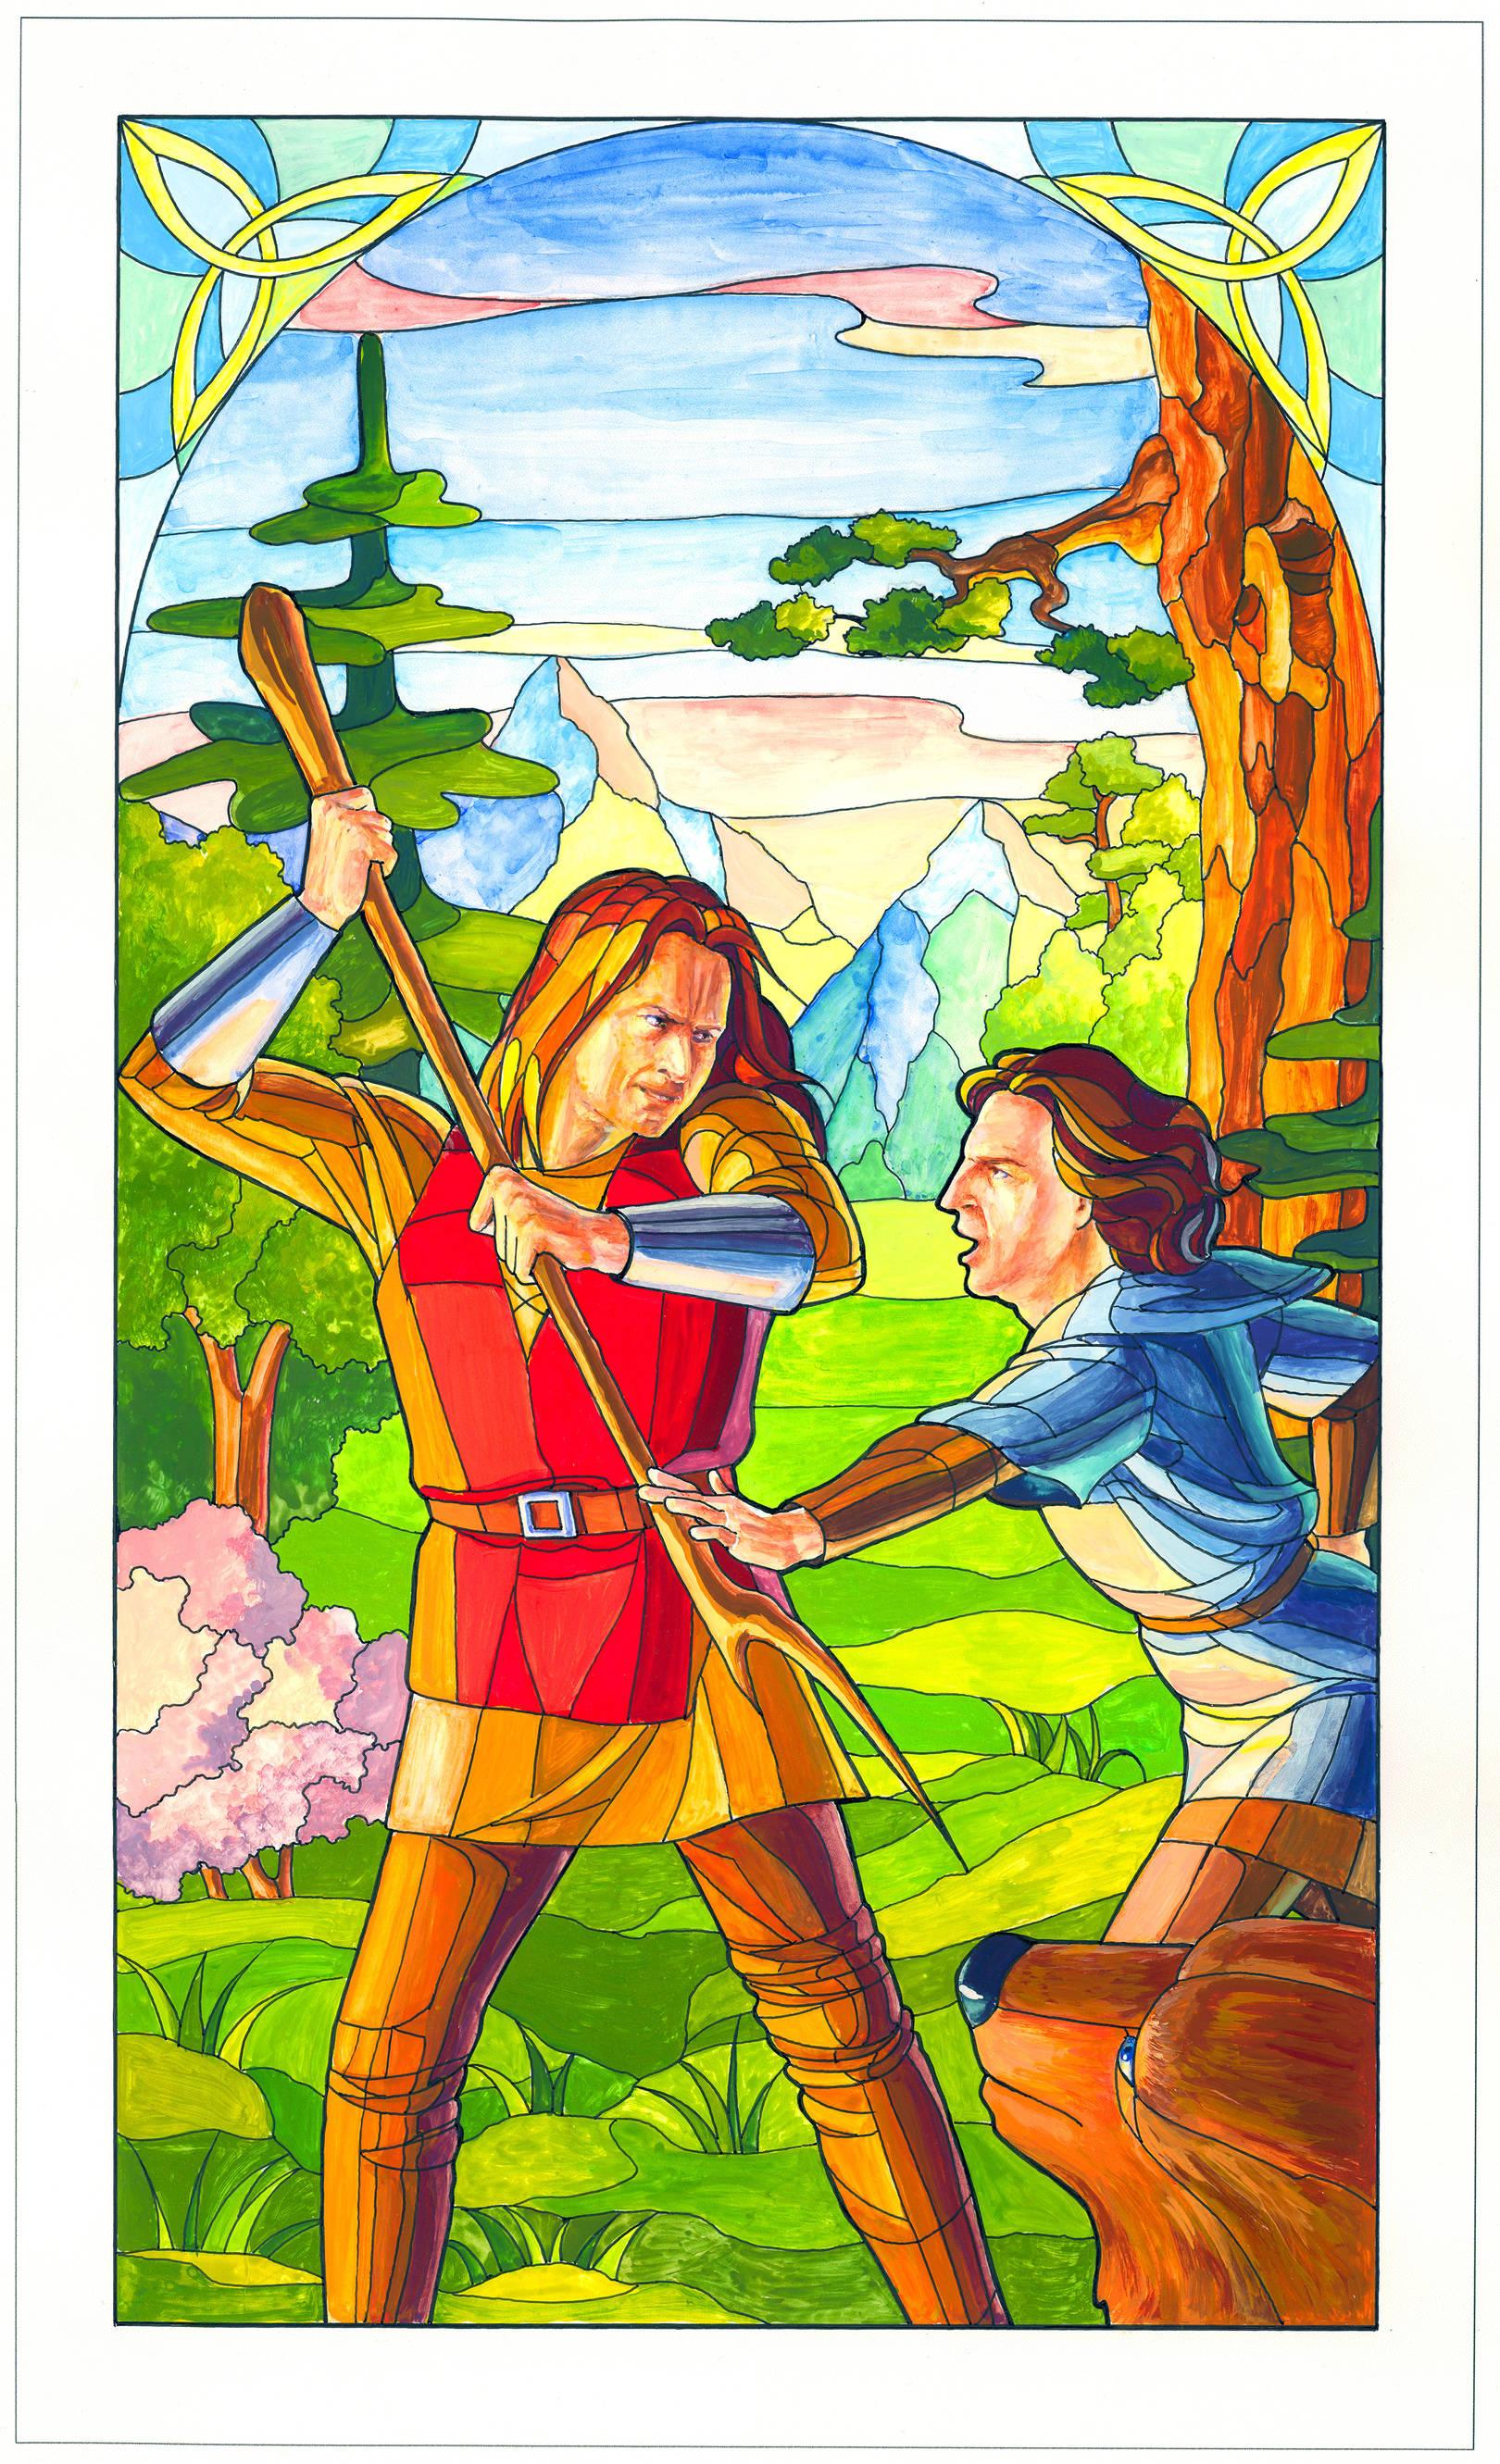 """Иллюстрация к детской книге """"Швейцарские сказки"""", которая вышла в апреле 2015 г и была представлена на Книжном Арсенале, Киев. Заказчик хотел видеть иллюстрации в стиле витража. Буквицы, шрифт и орнаменты также авторские, мои. Действие книги происходит в Средние Века."""